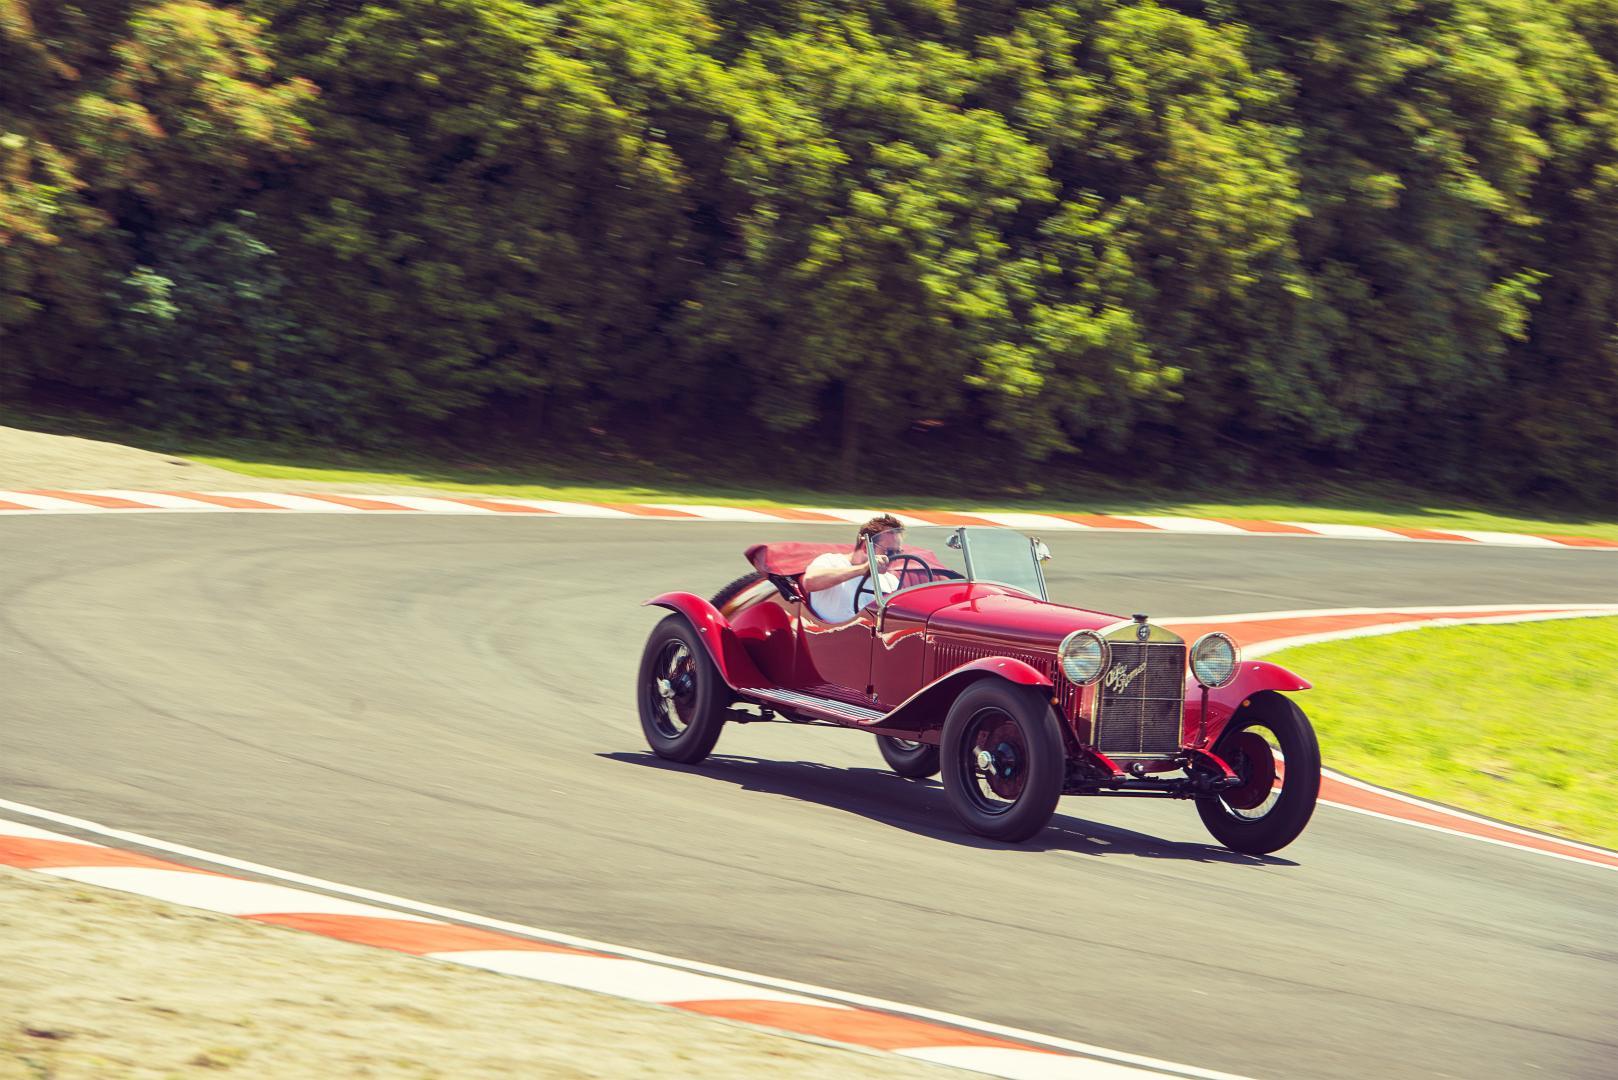 Historische Alfa Romeo - de bloedlijn